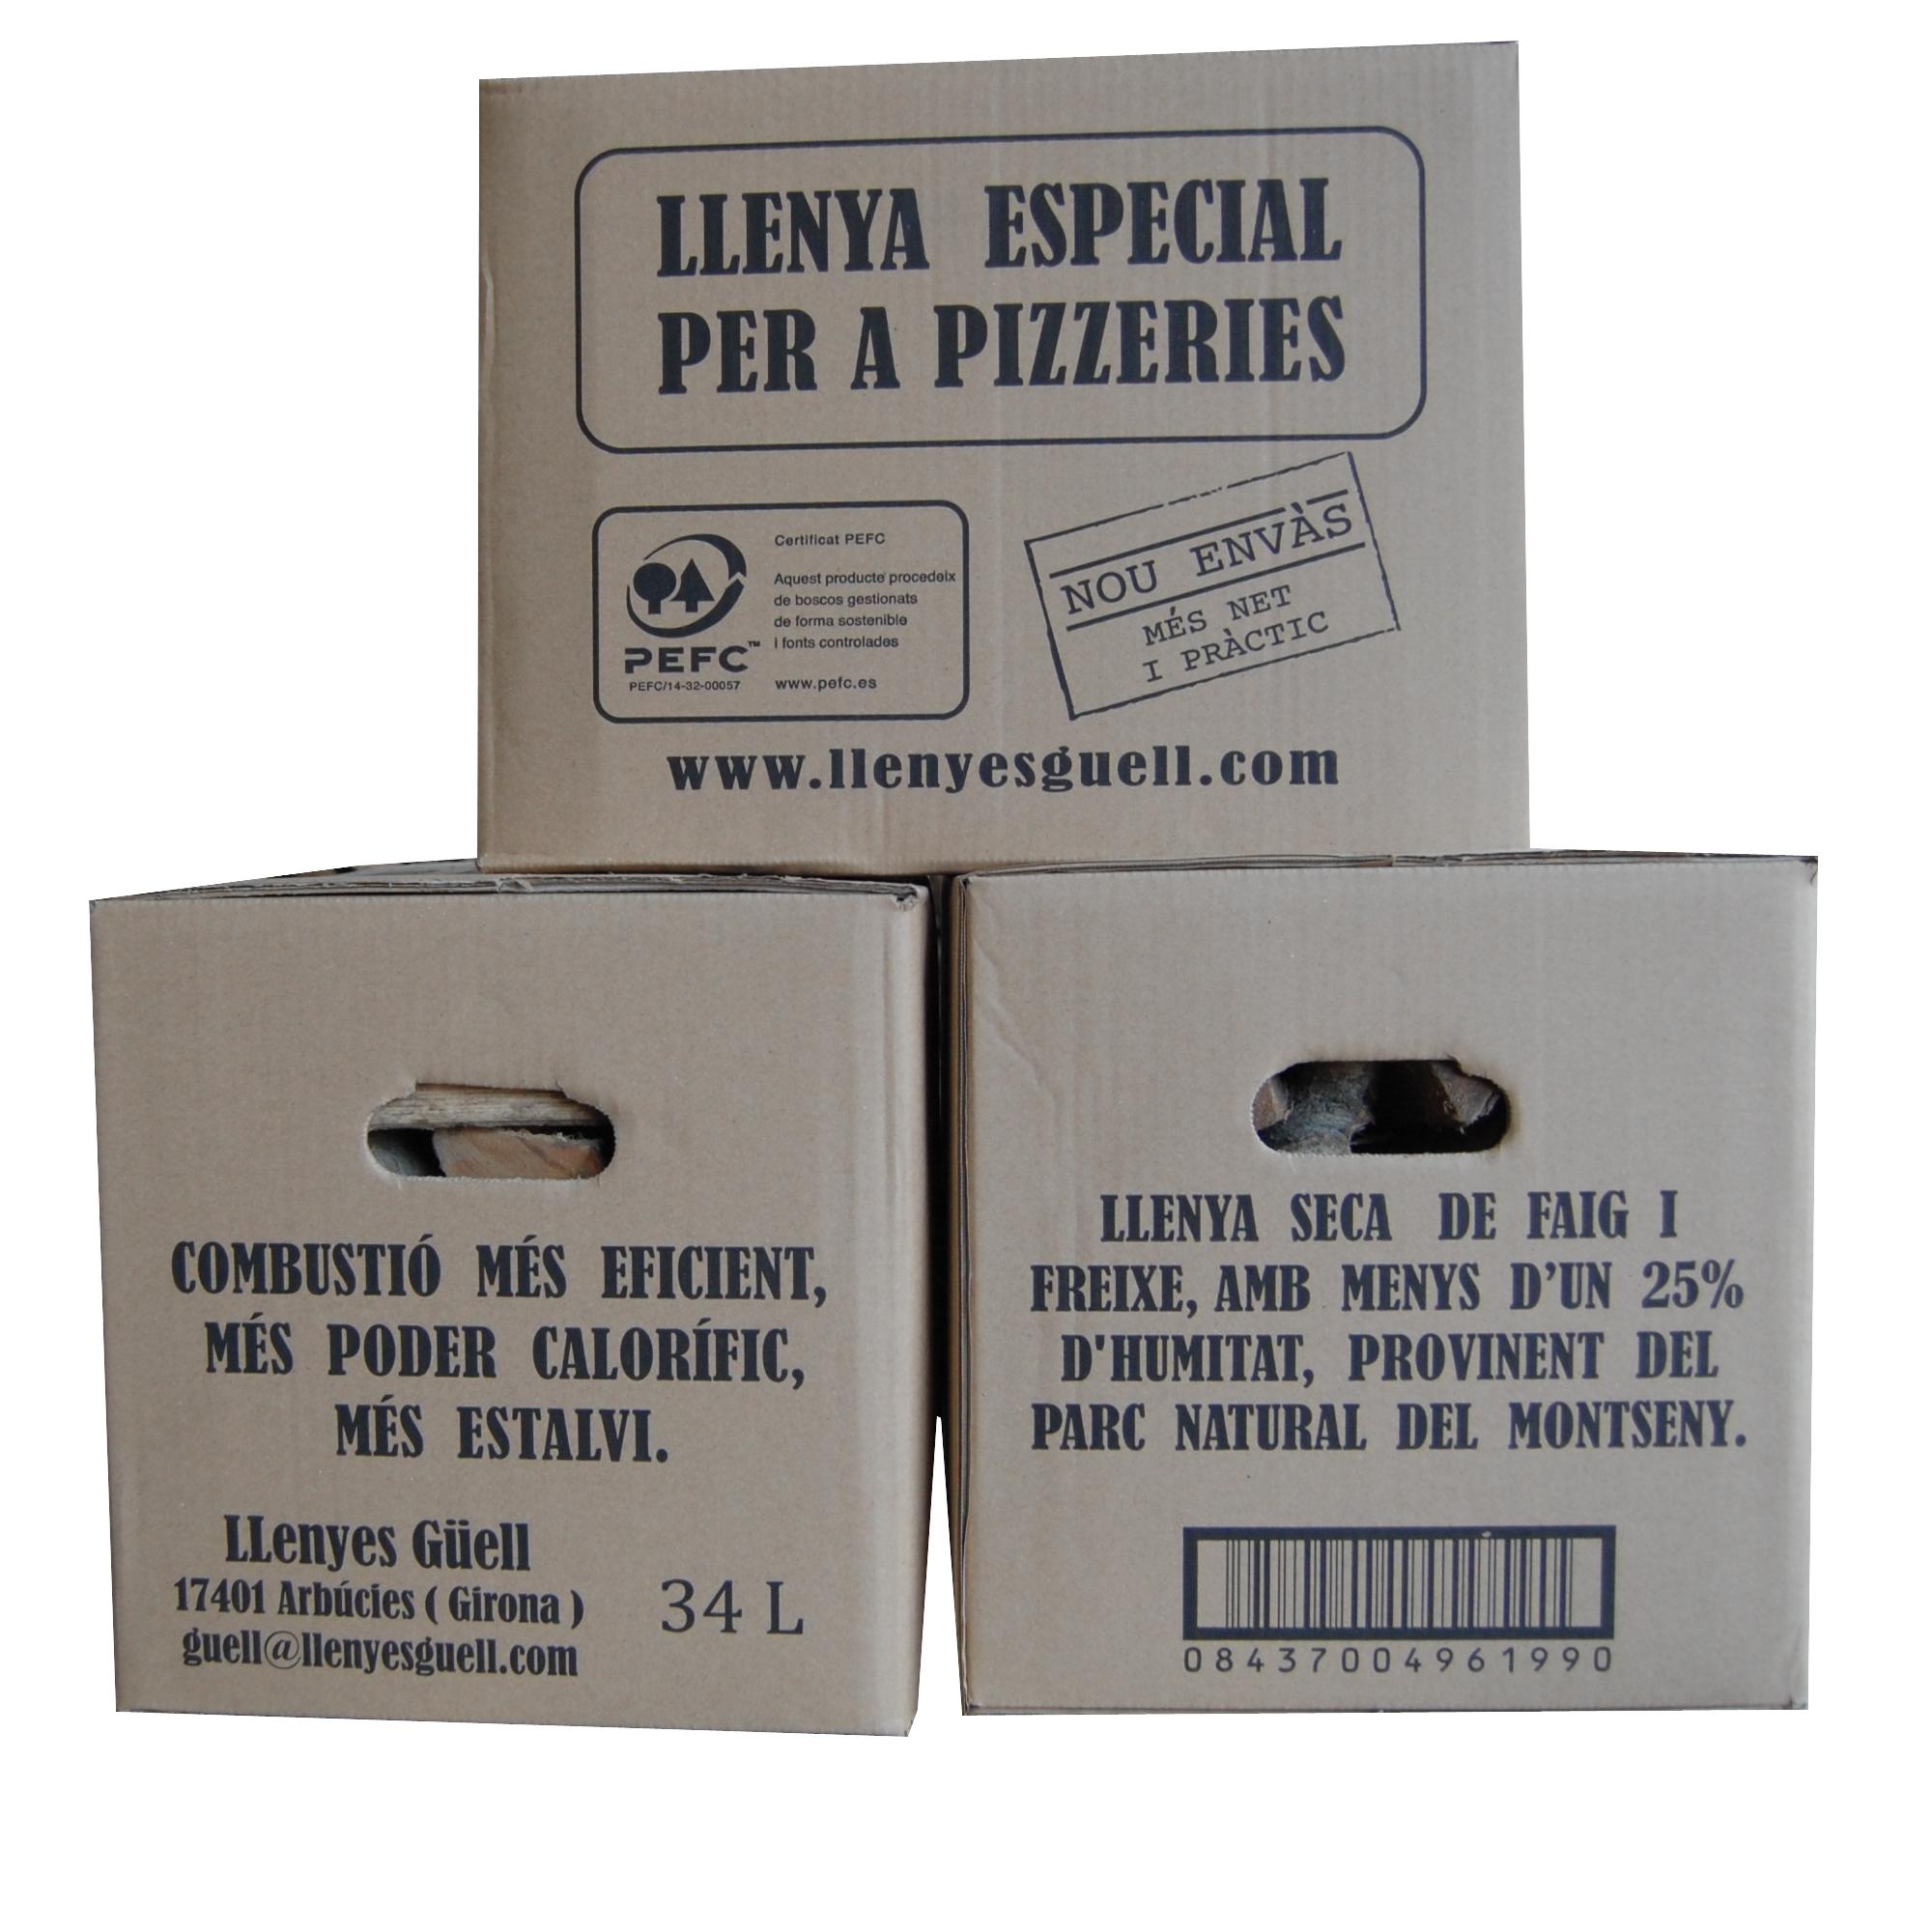 Llenya en caixa per a pizzeries